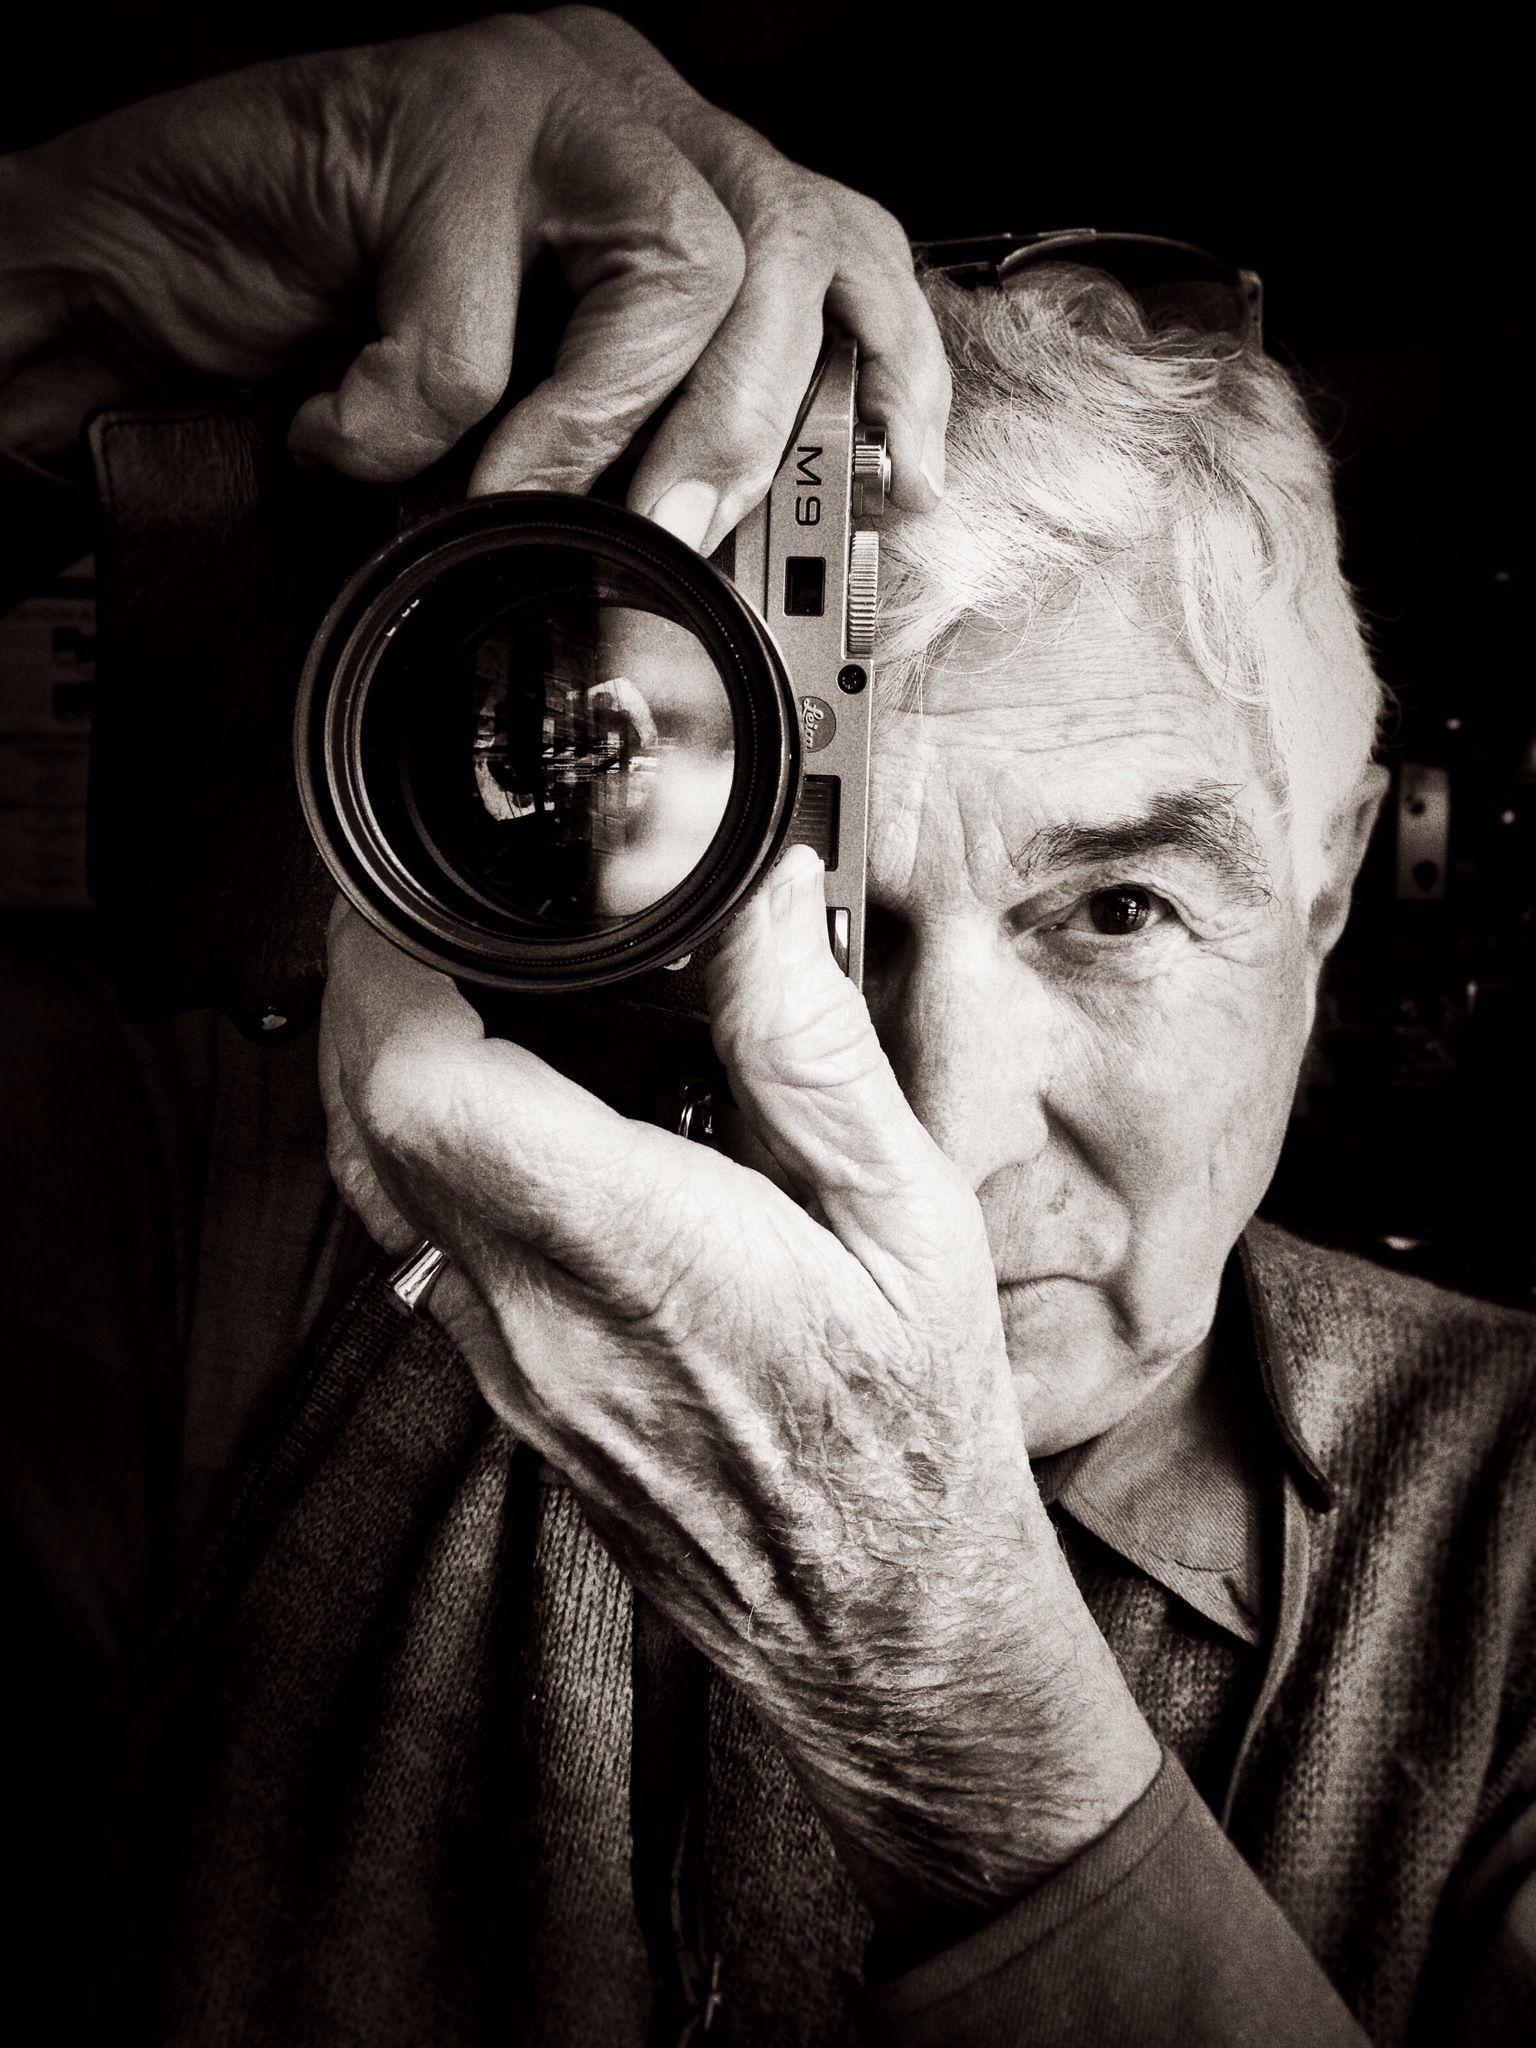 чадящие цитаты к портрету фотография эти времена